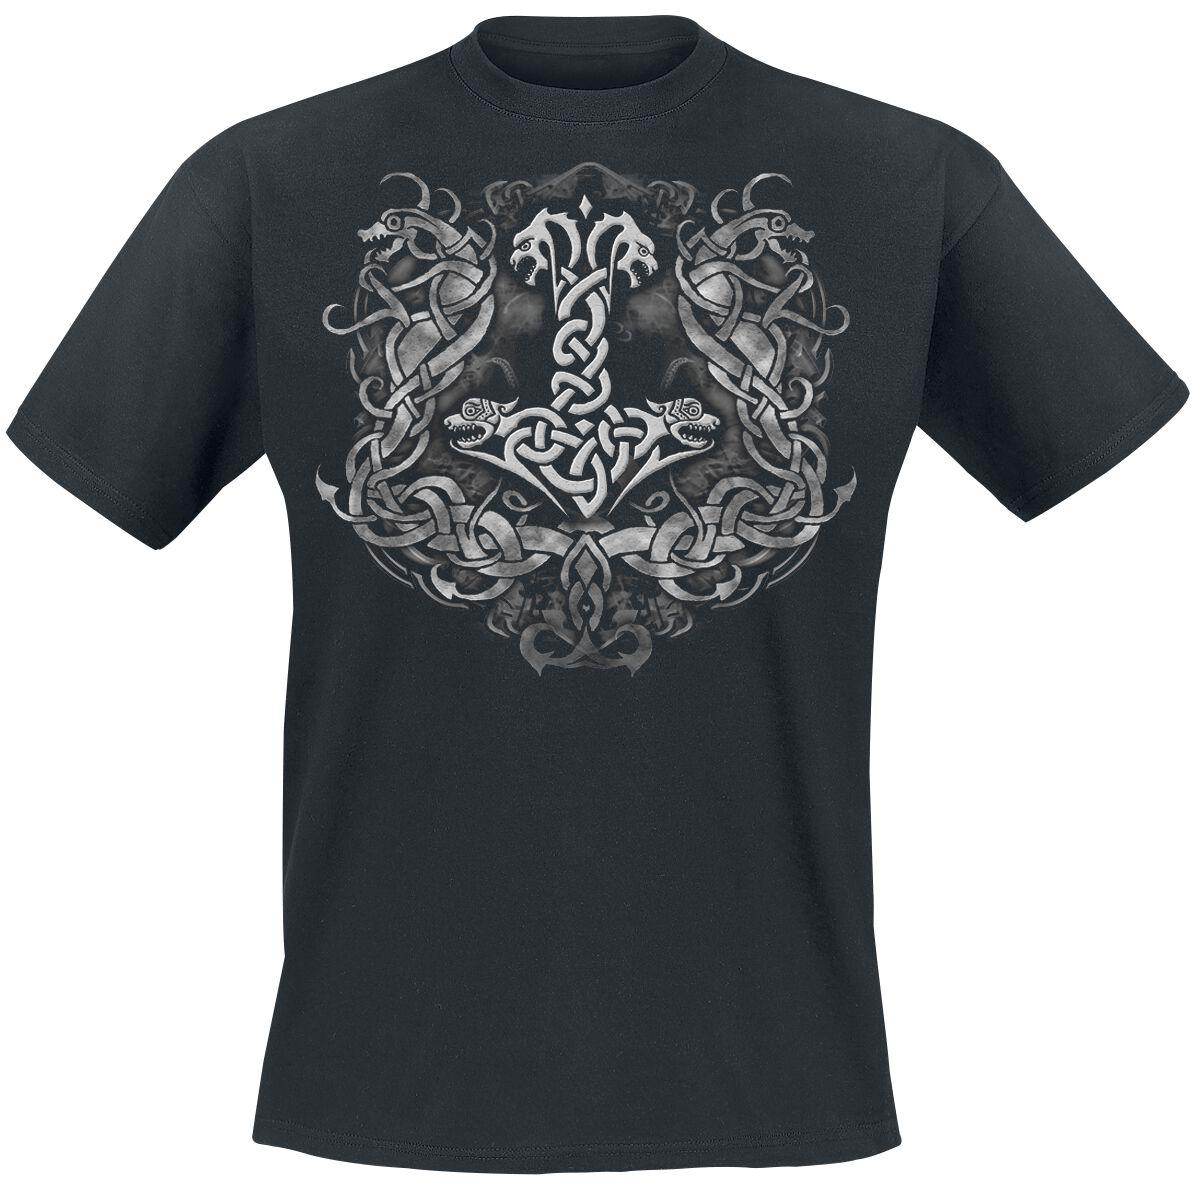 Motyw - Koszulki - T-Shirt Donars Hammer T-Shirt czarny - 344966